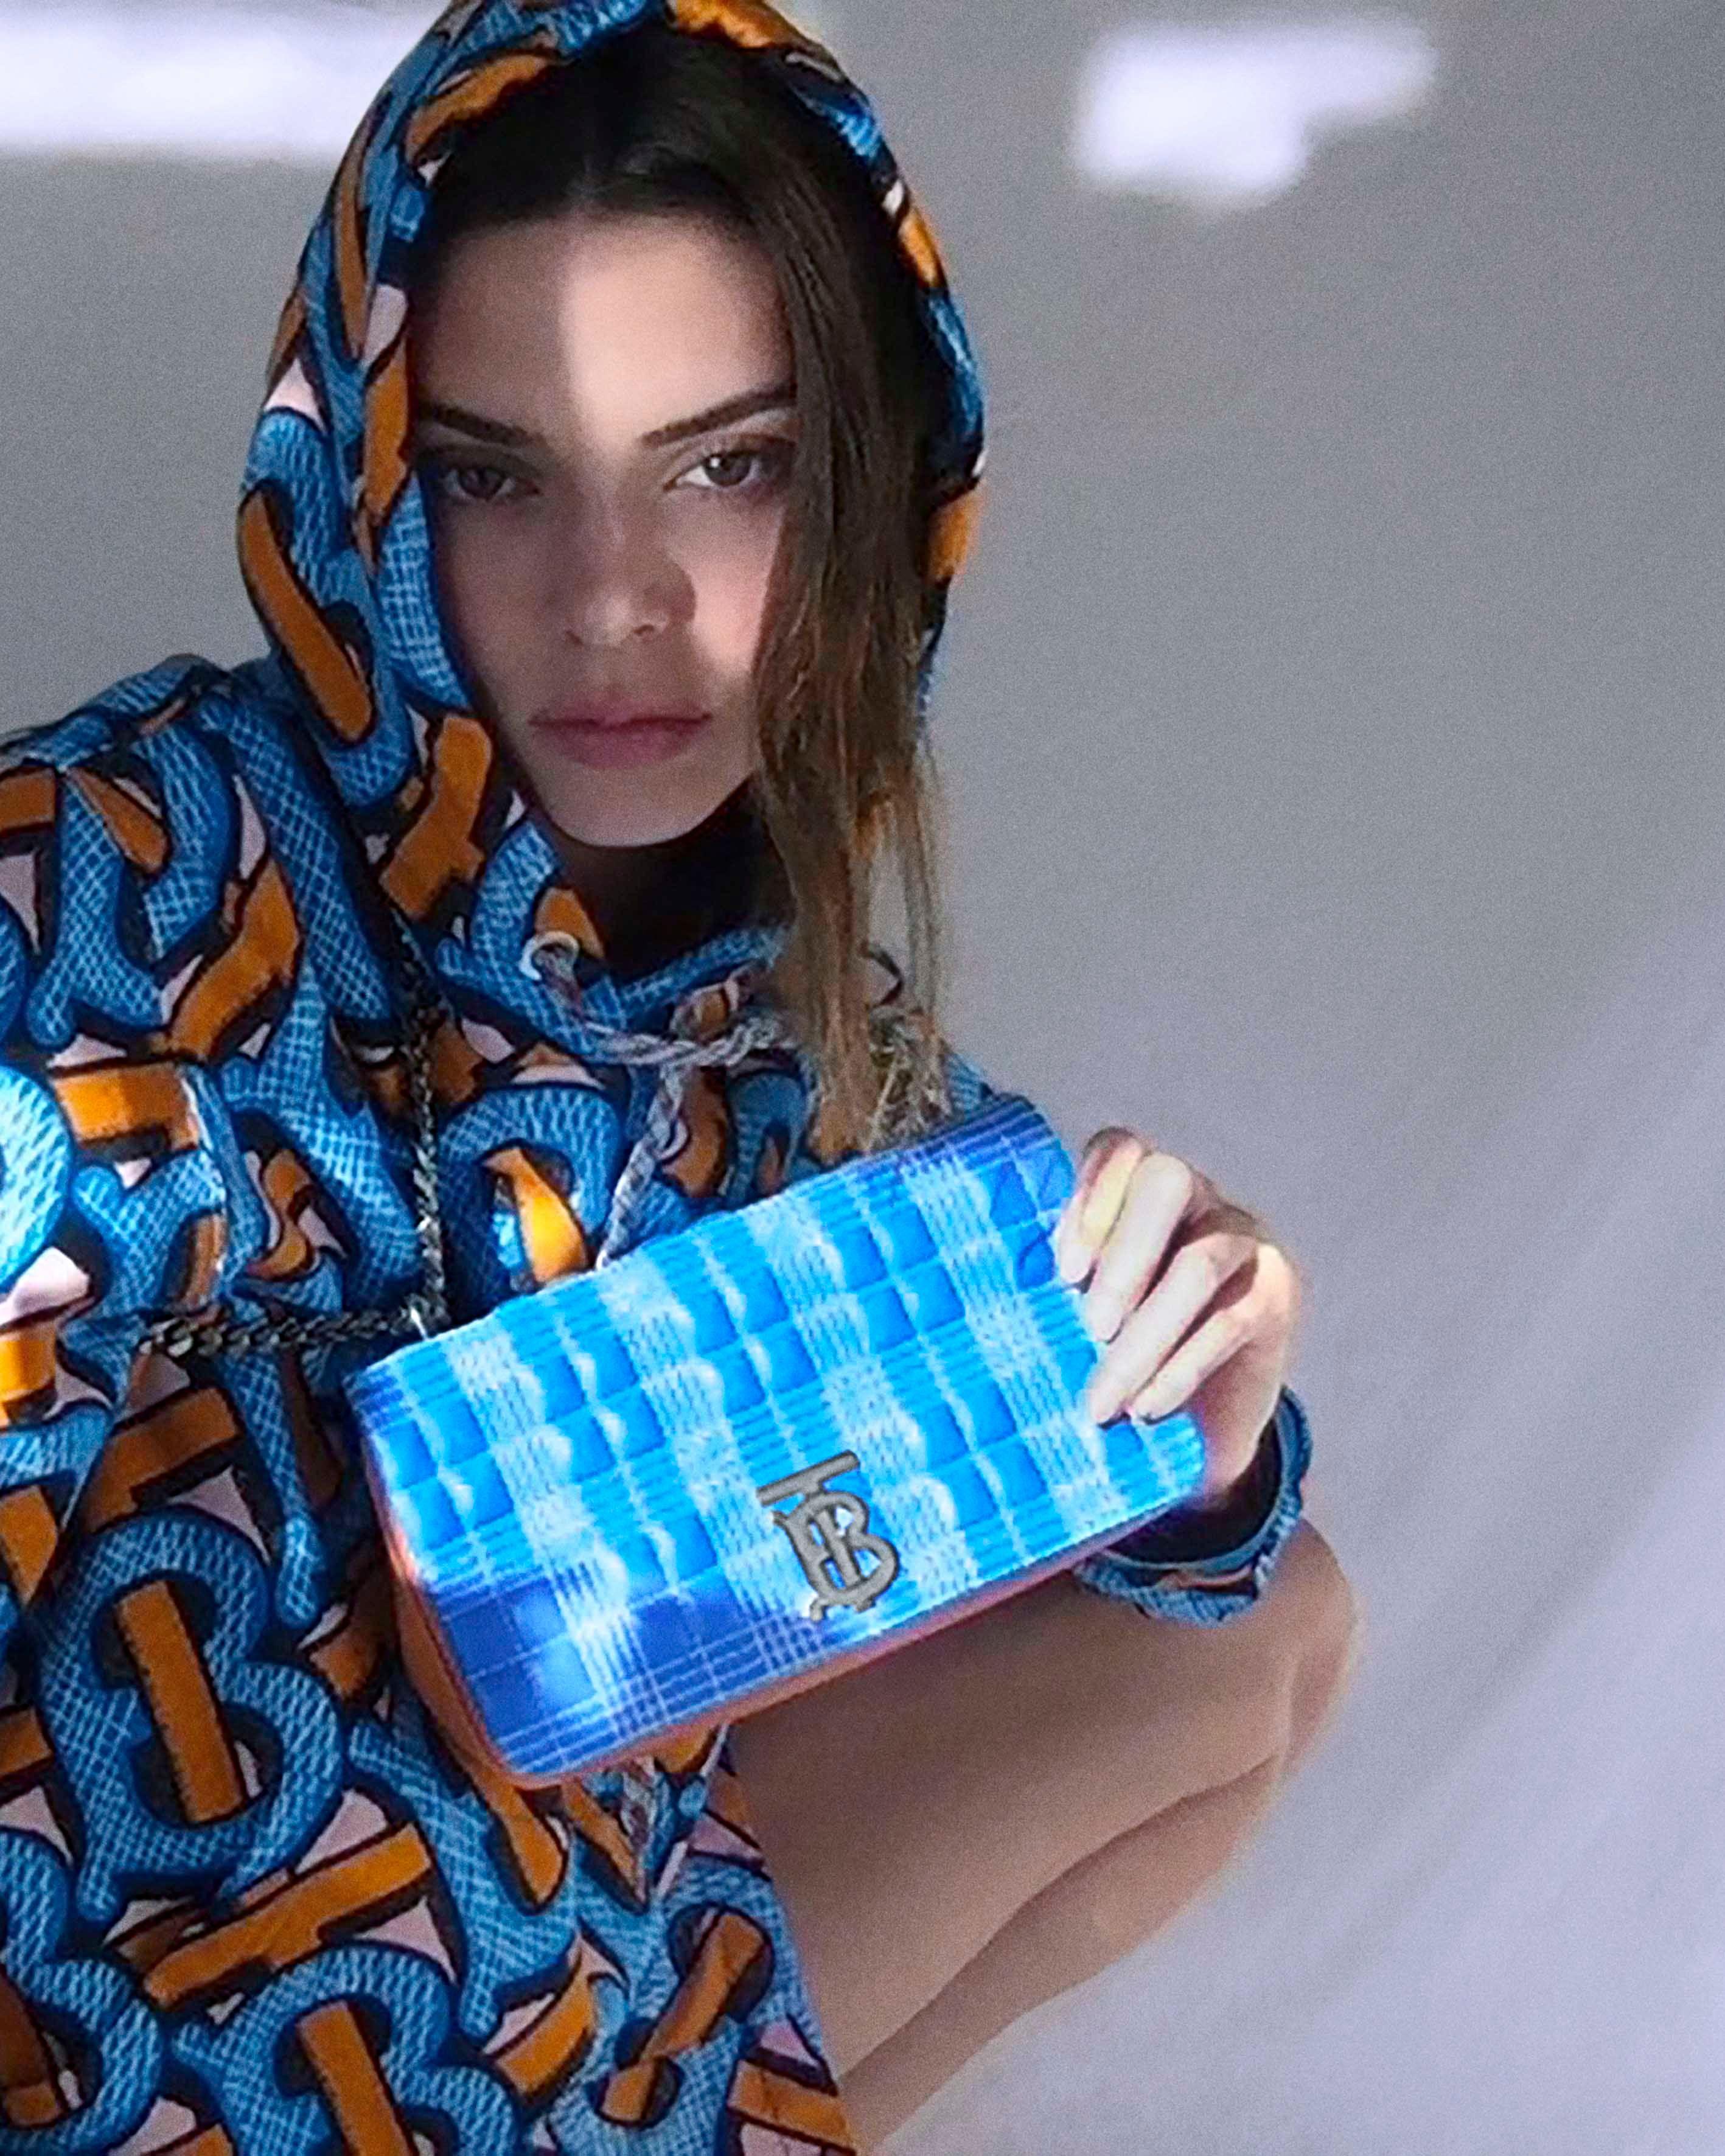 Foto di Rumah Aja, Kendall Jenner Tampil di Kampanye Iklan Burberry